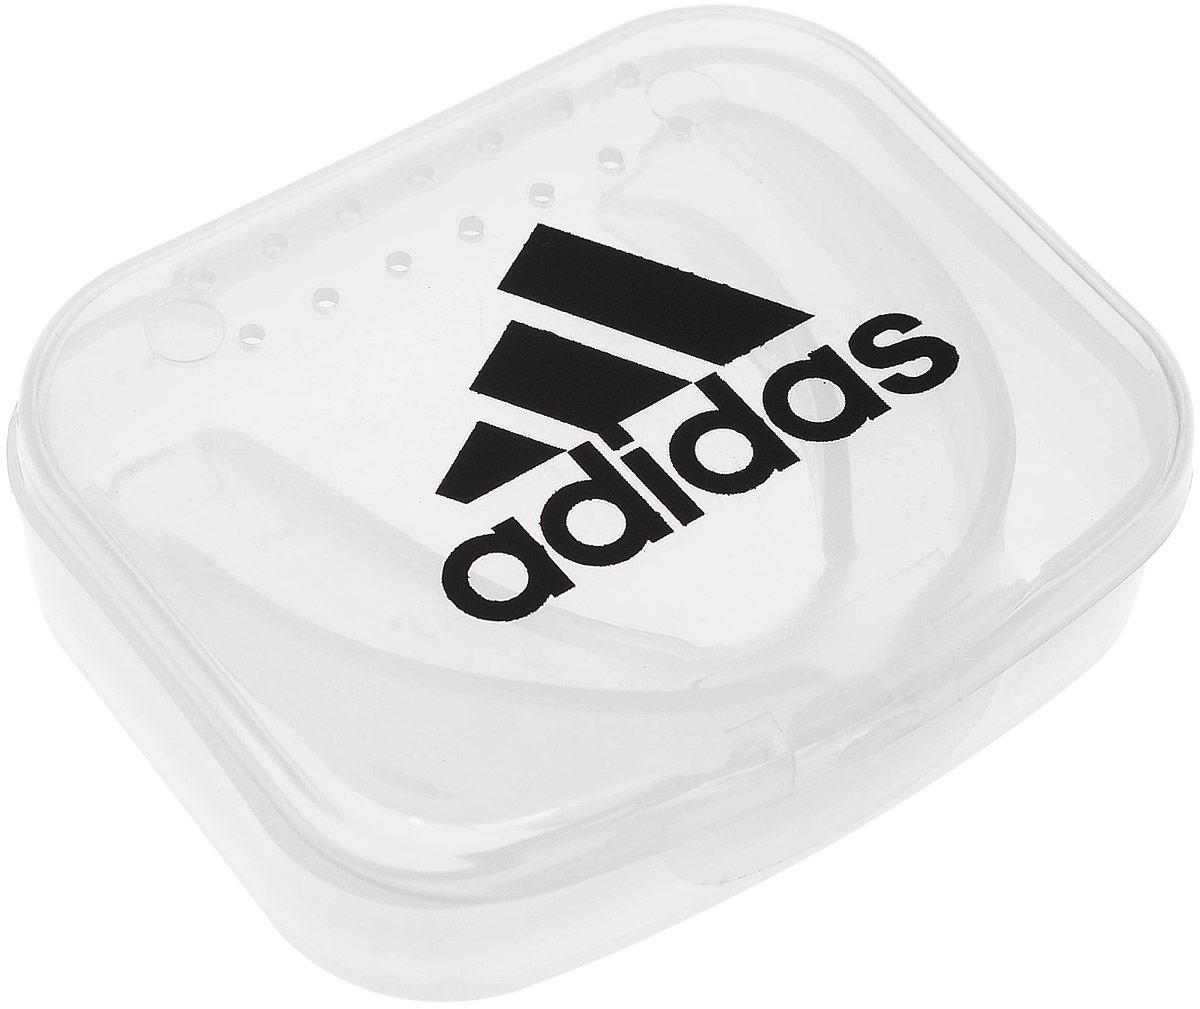 Капа одночелюстная Adidas Single Mouth Guard, цвет: прозрачный. Размер SenioradiBP09